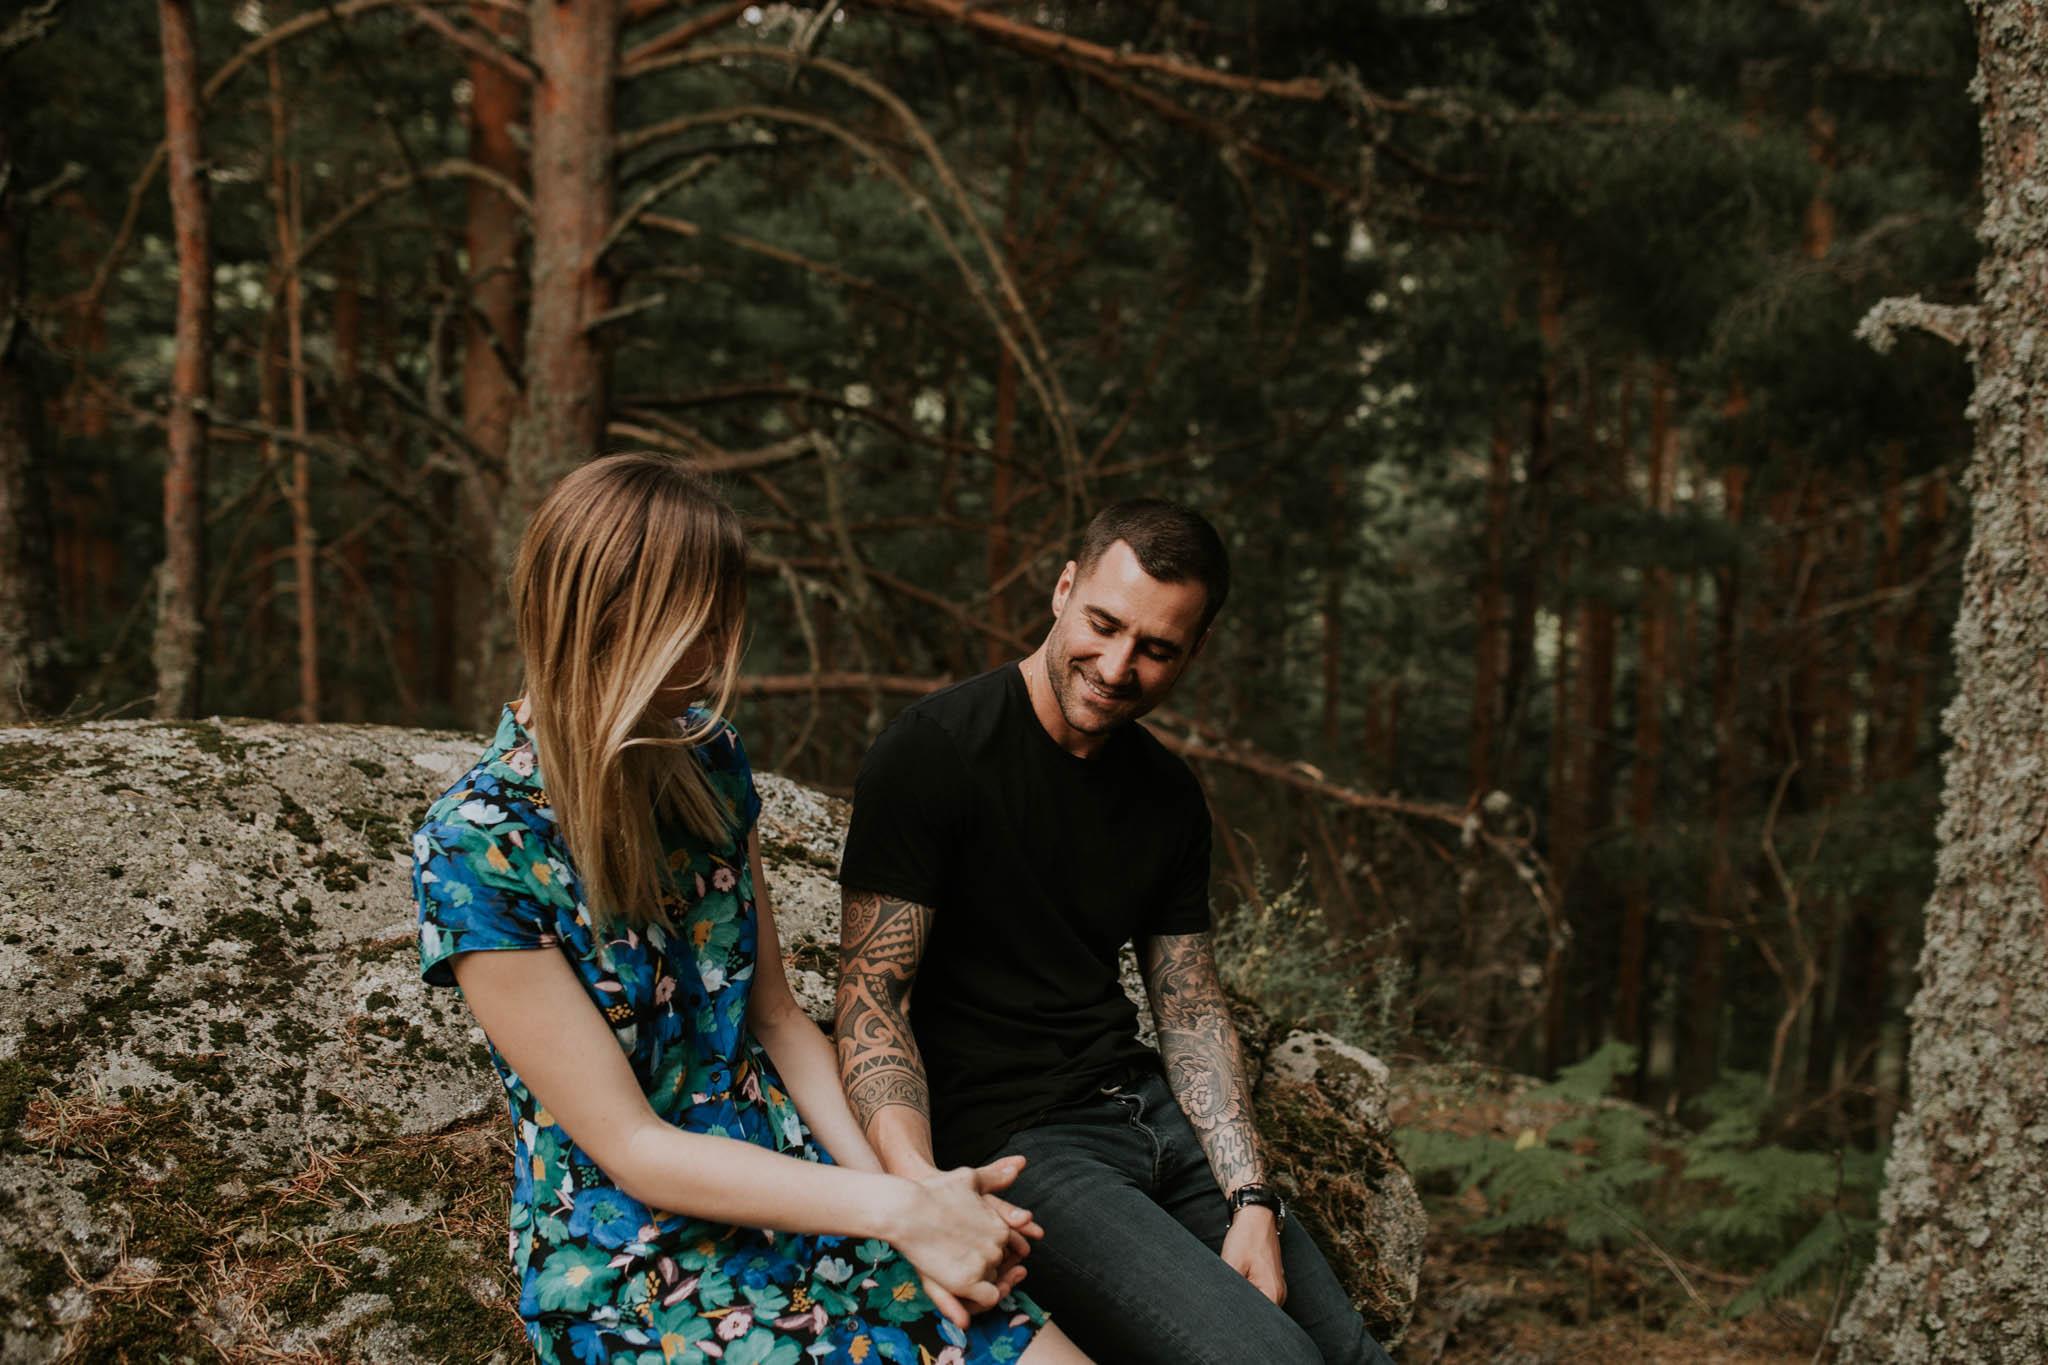 Fotografia pareja bosque 29 Concorazon